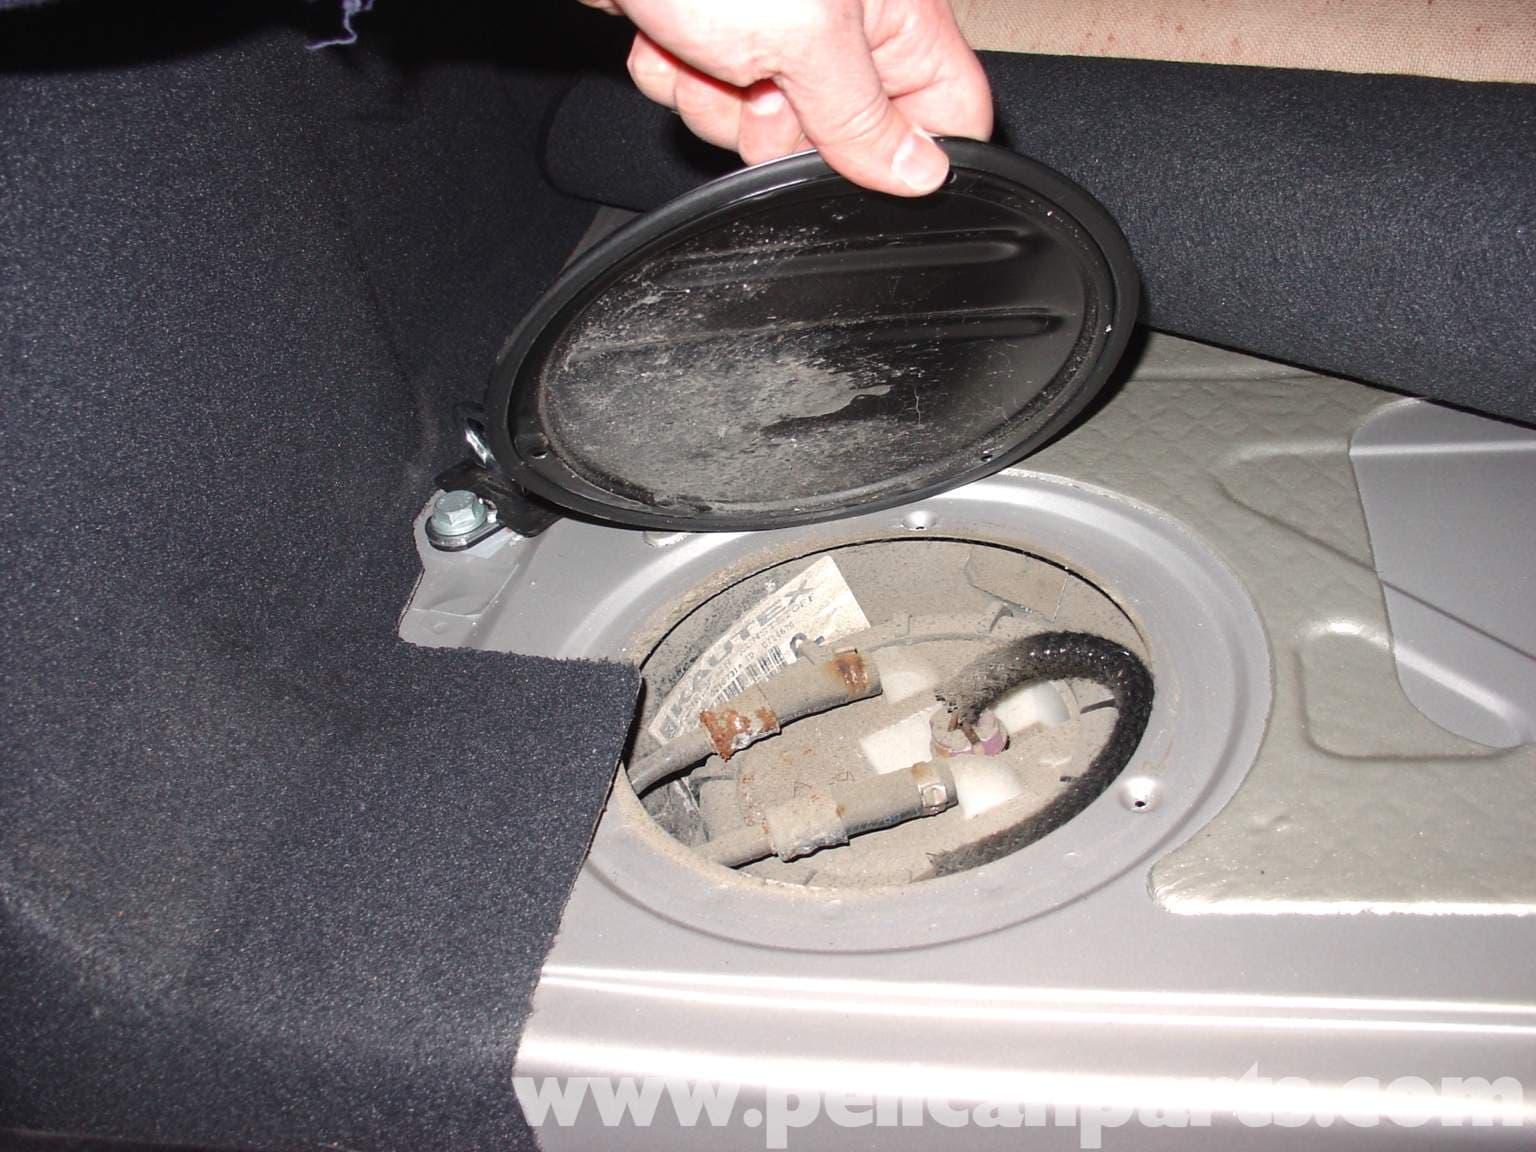 2001 Volkswagen Passat Fuel Filter Location